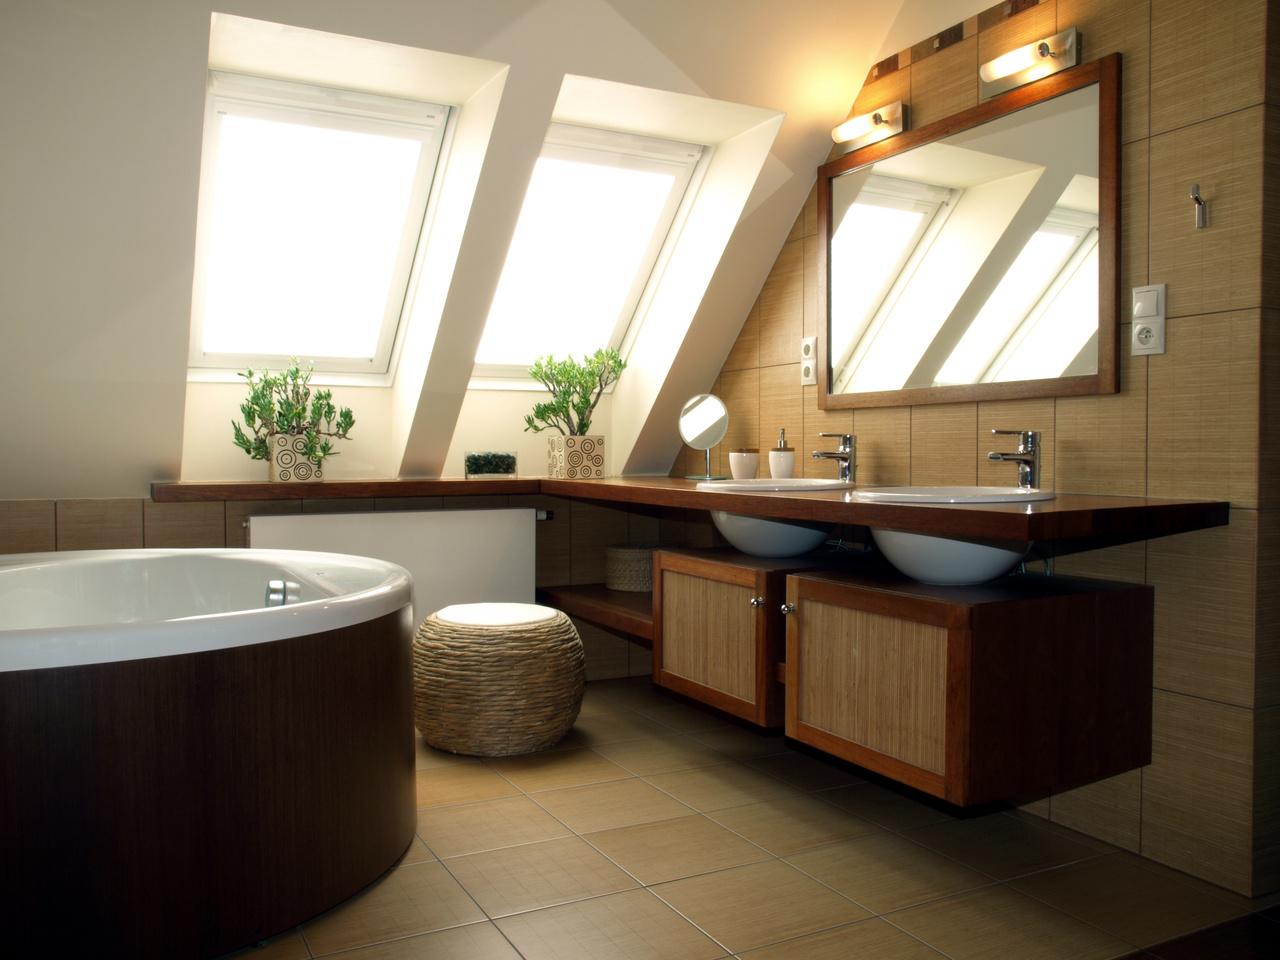 Waterproof Flooring Cypress TX FlahertysFlooringCypresscom - Bathroom remodel cypress tx